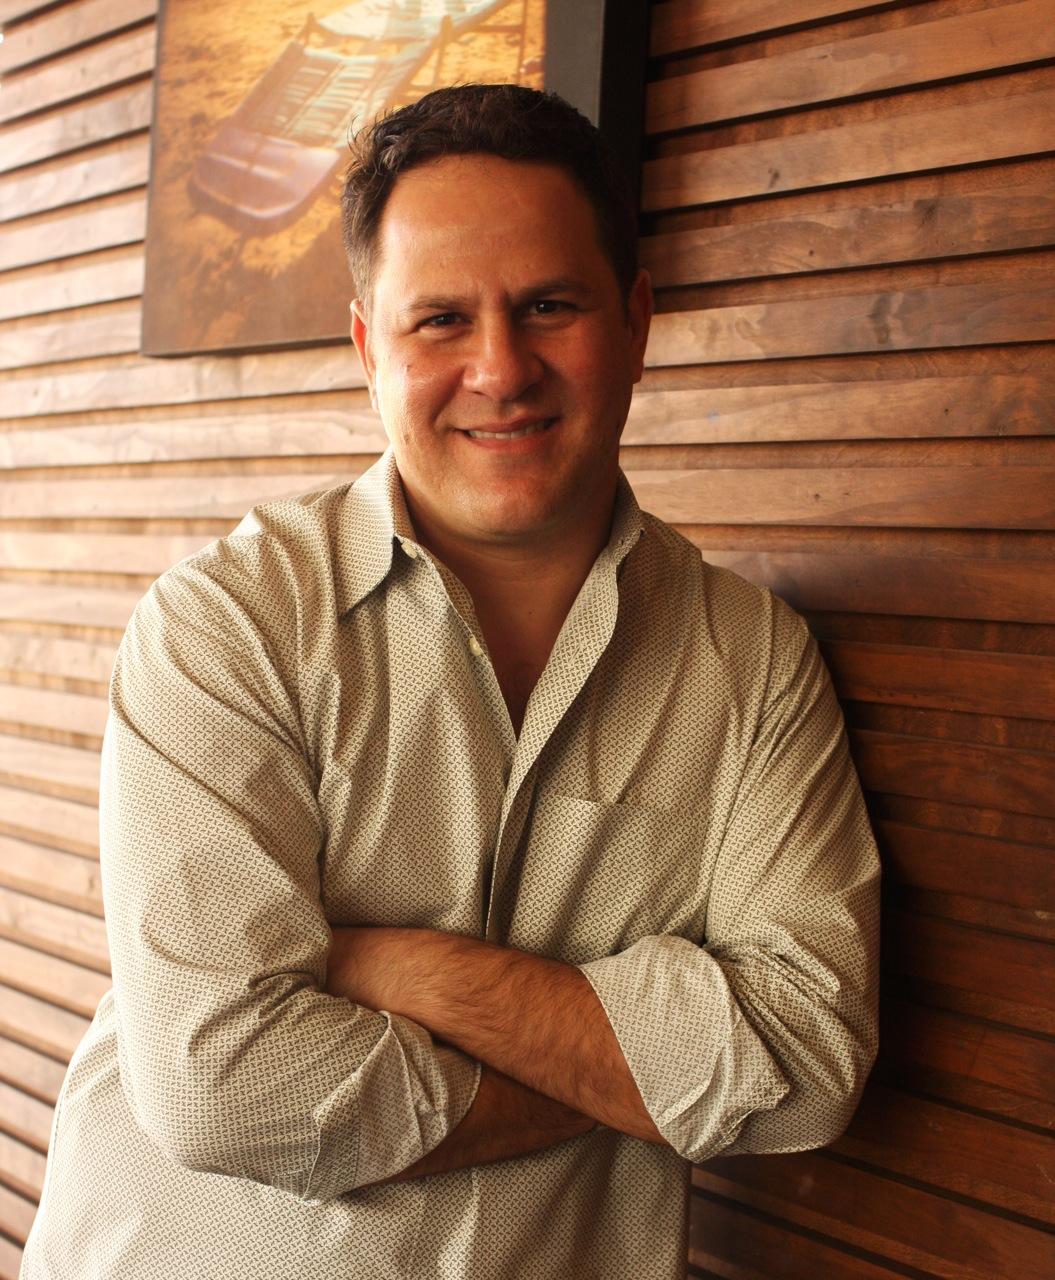 Adam Fleischman